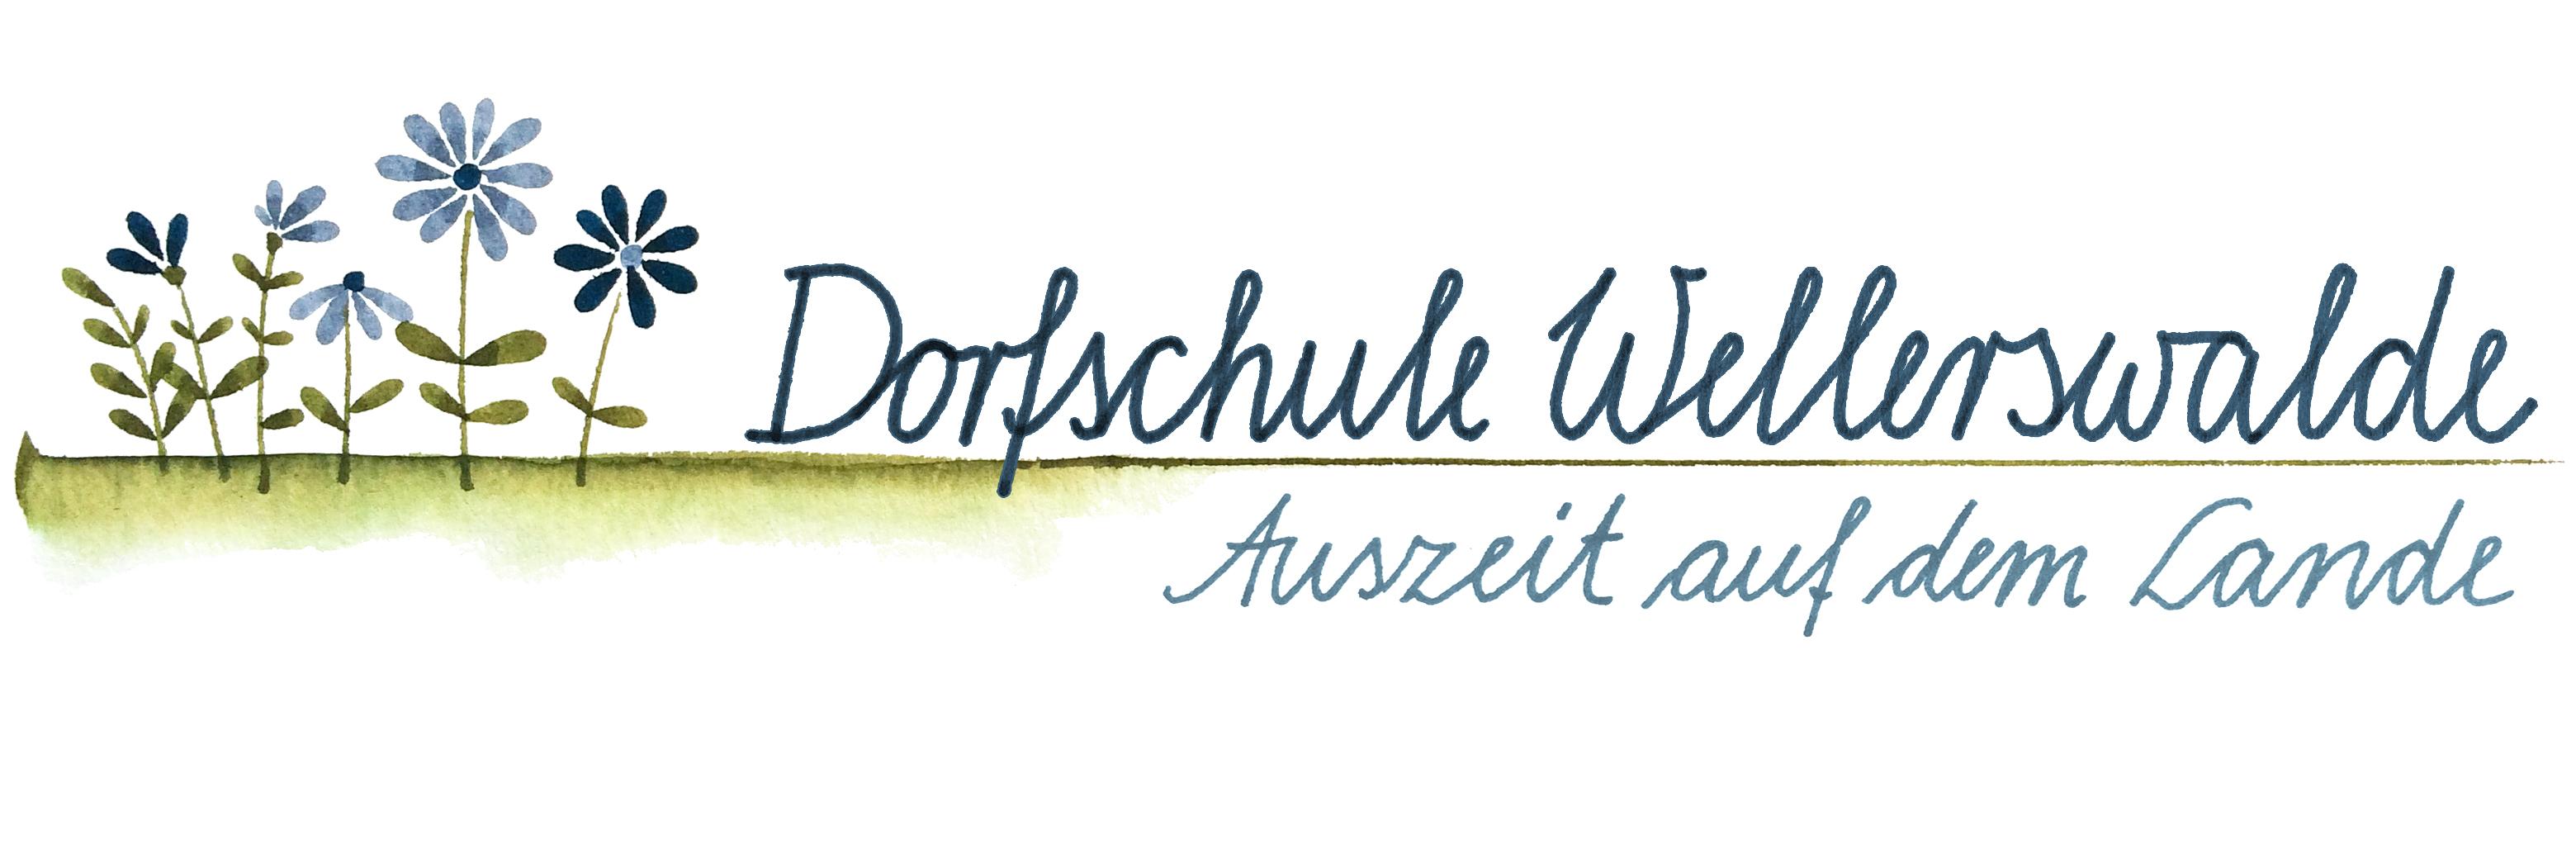 Dorfschule Wellerwalde